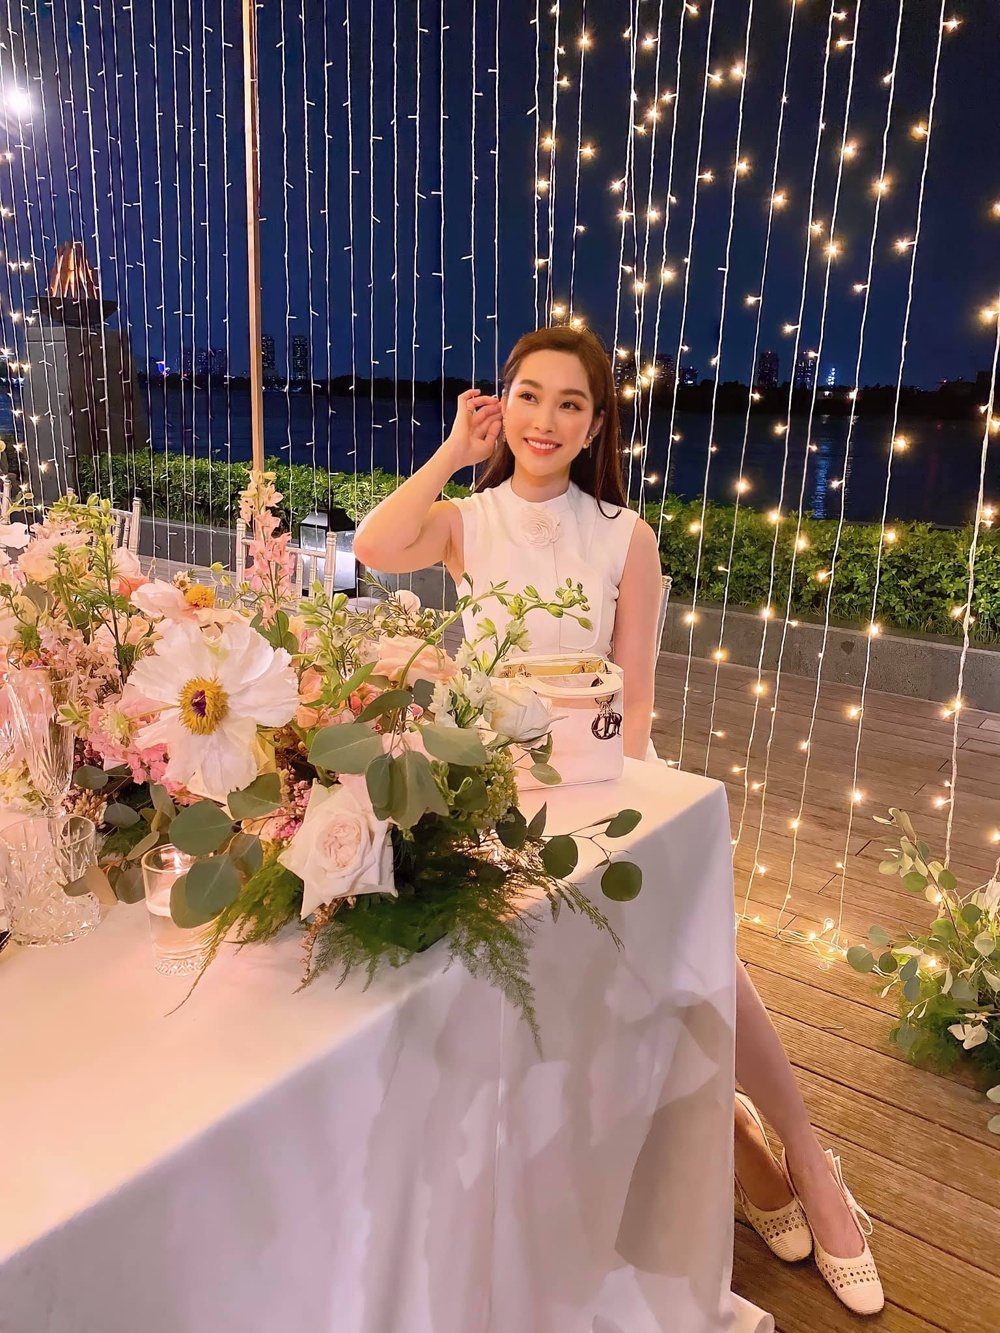 Hoa hậu Đặng Thu Thảo đẹp ngất ngây với váy tím mộng mơ Ảnh 4